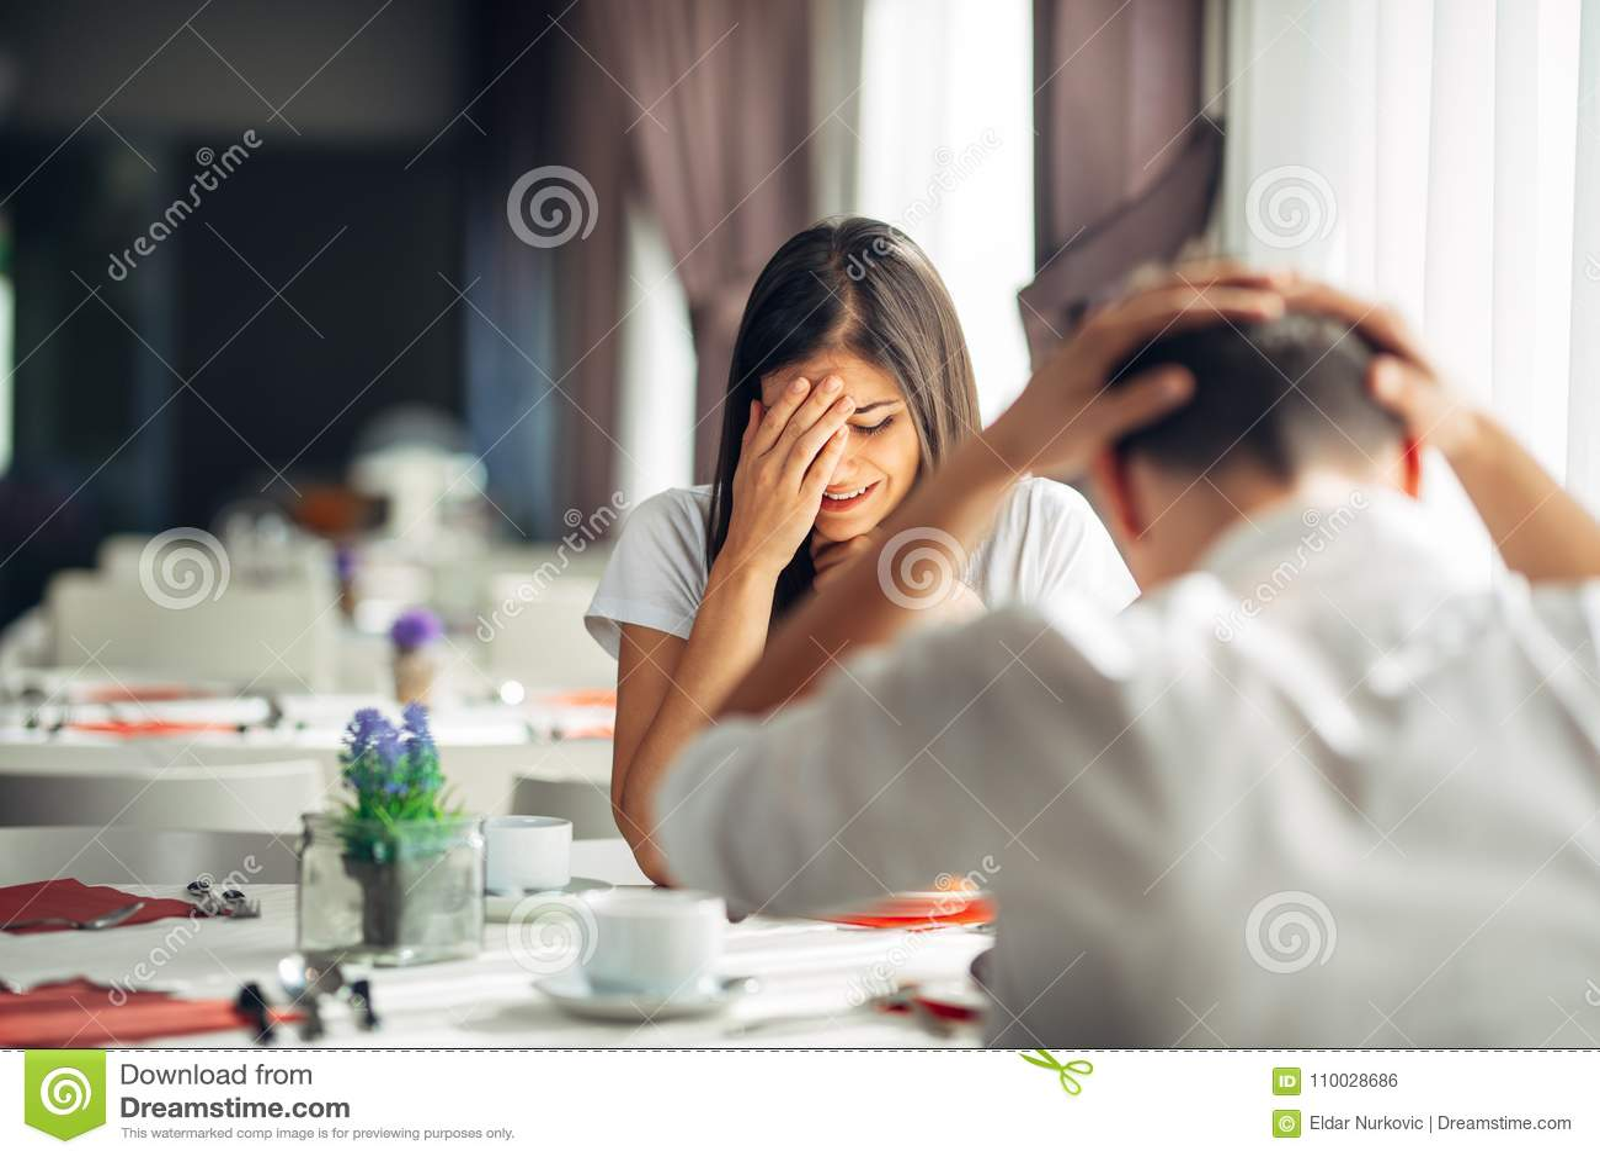 Płakać zaakcentowanego kobiety argumentowanie z mężczyzna o problemach Reakcja negatywny wydarzenie, obchodzi się złą wiadomość Ł